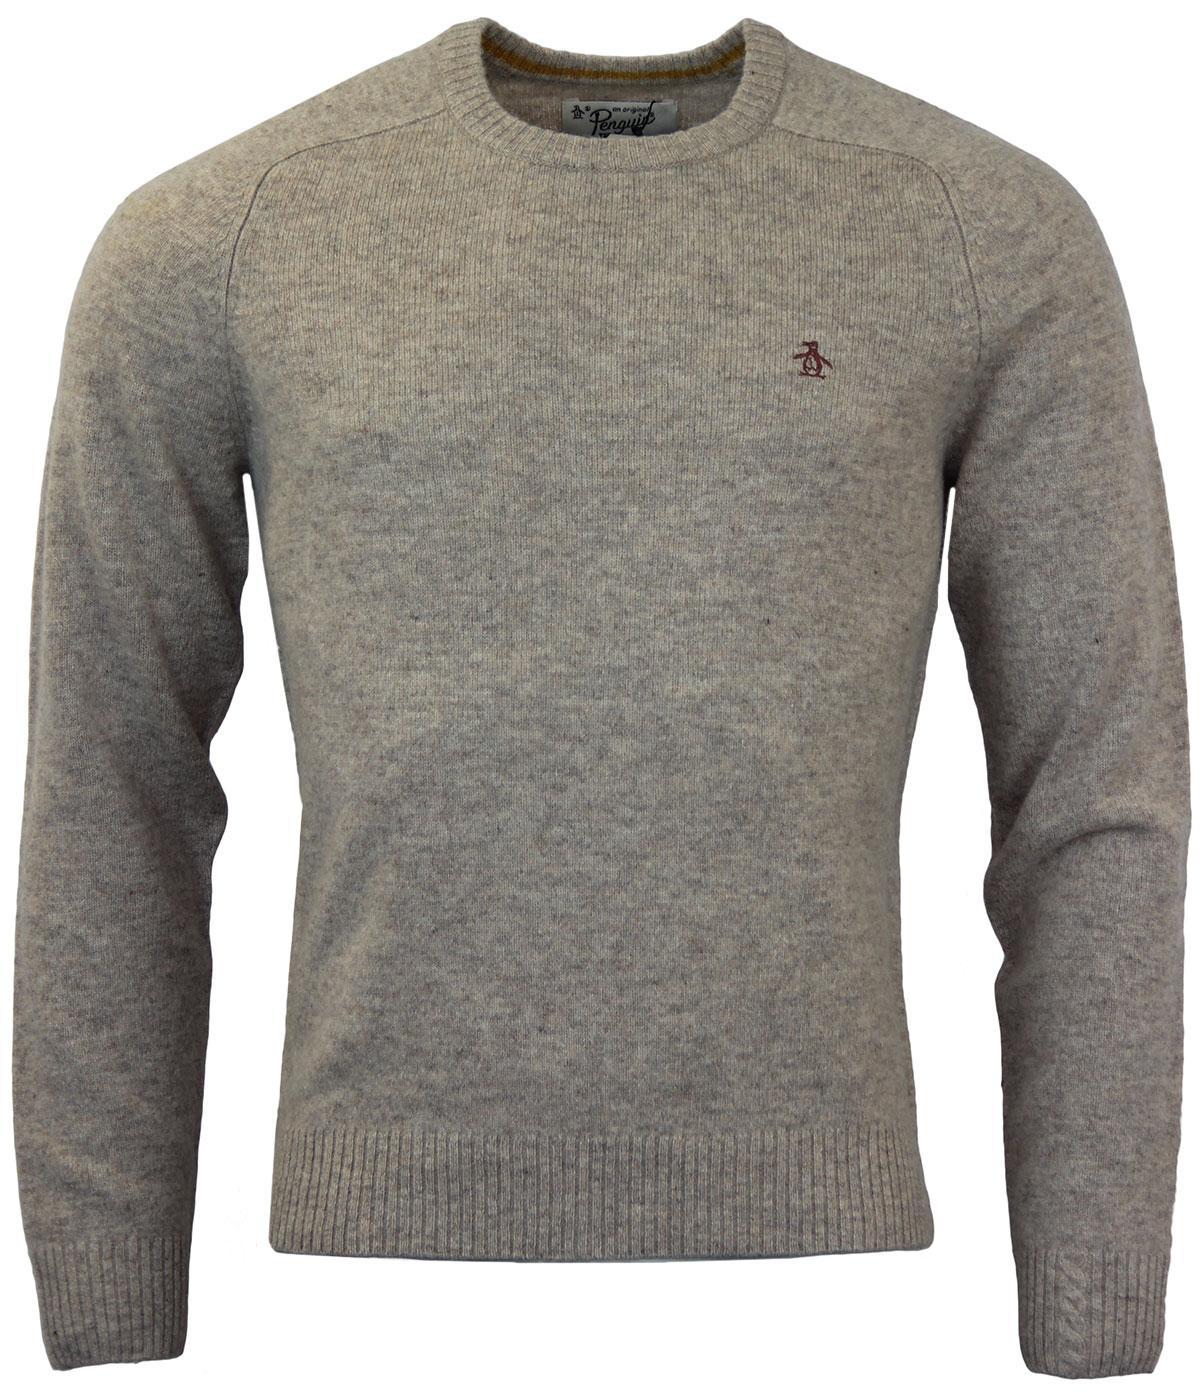 ORIGINAL PENGUIN P55 Retro Raglan Knit Sweater in Silver